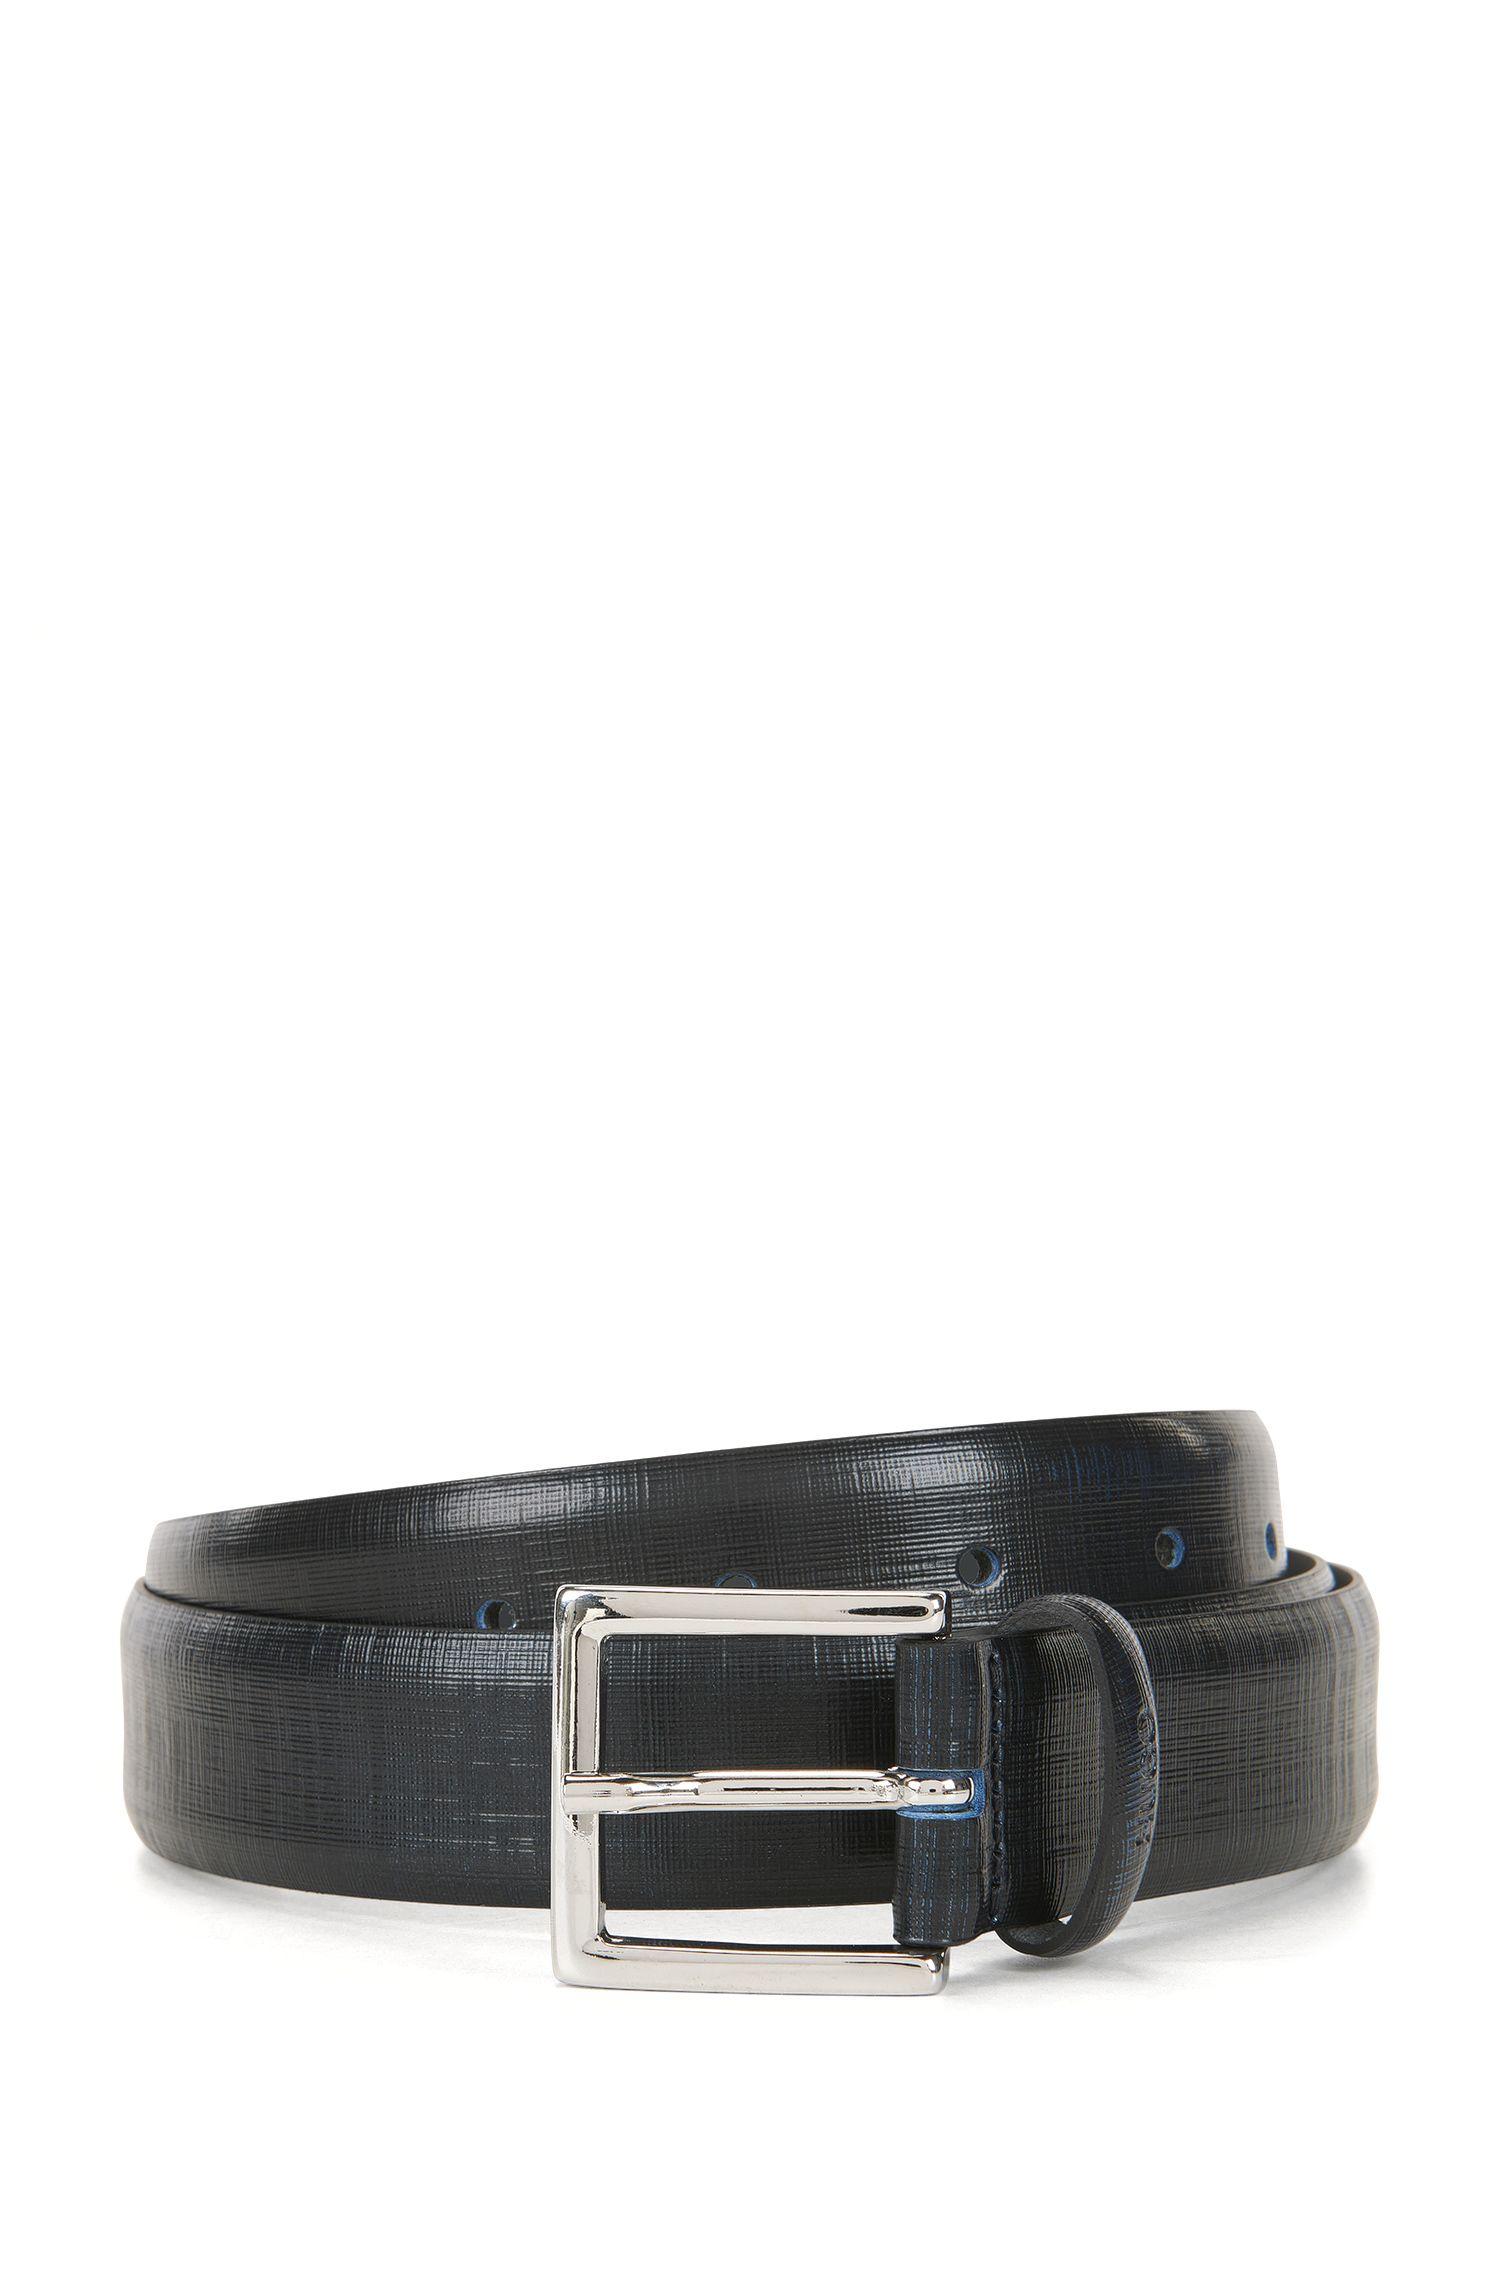 Cintura bicolore in pelle lavorata